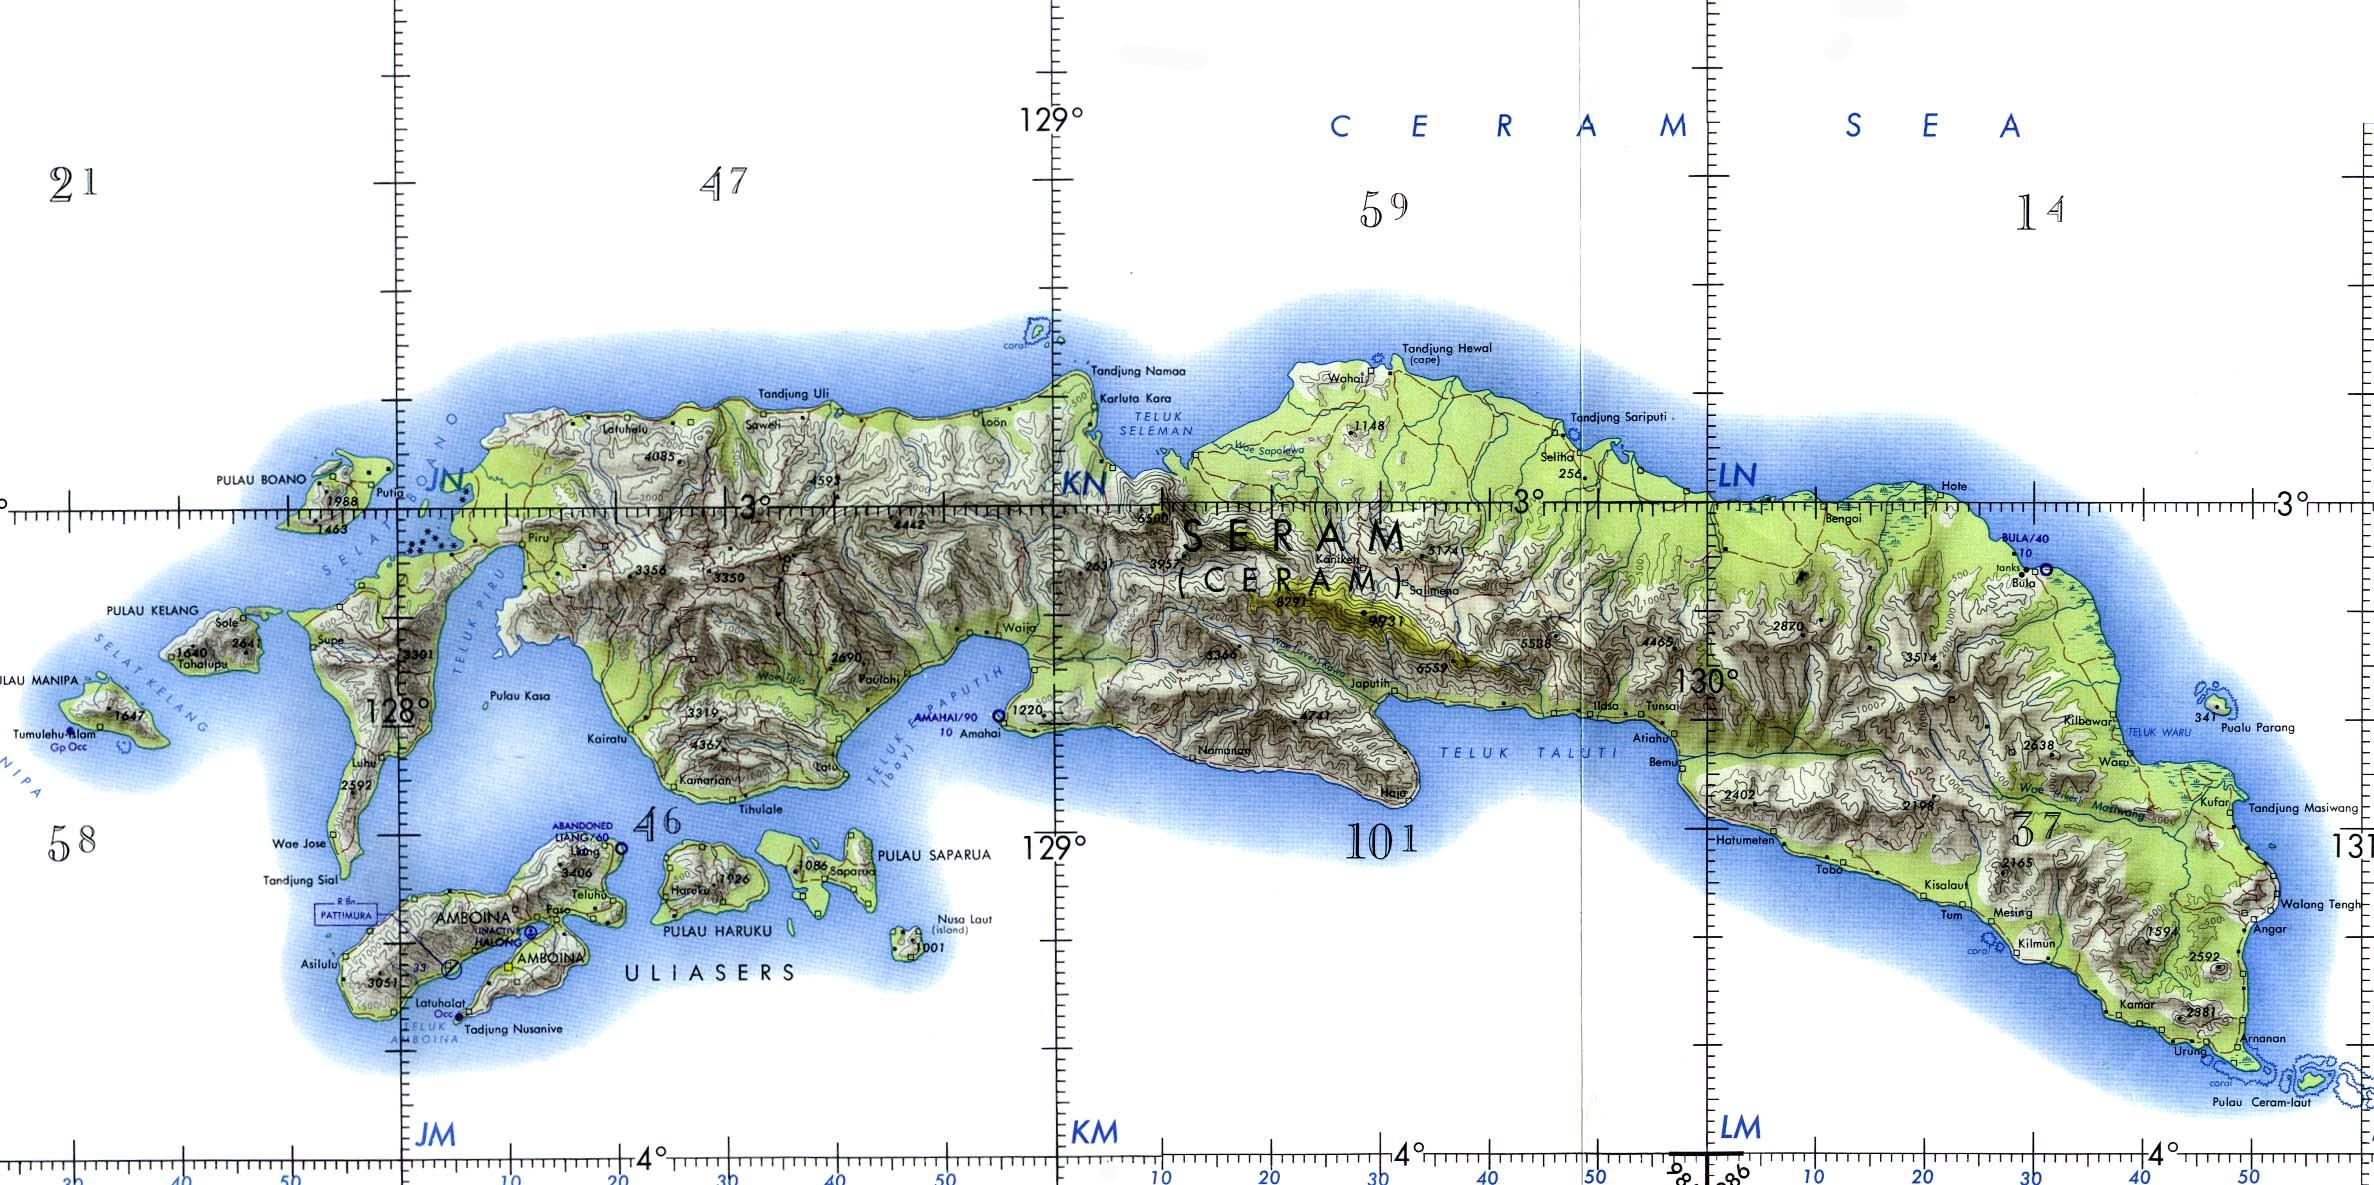 Carta Naútica de las Islas de Ceram y Ambon, Indonesia